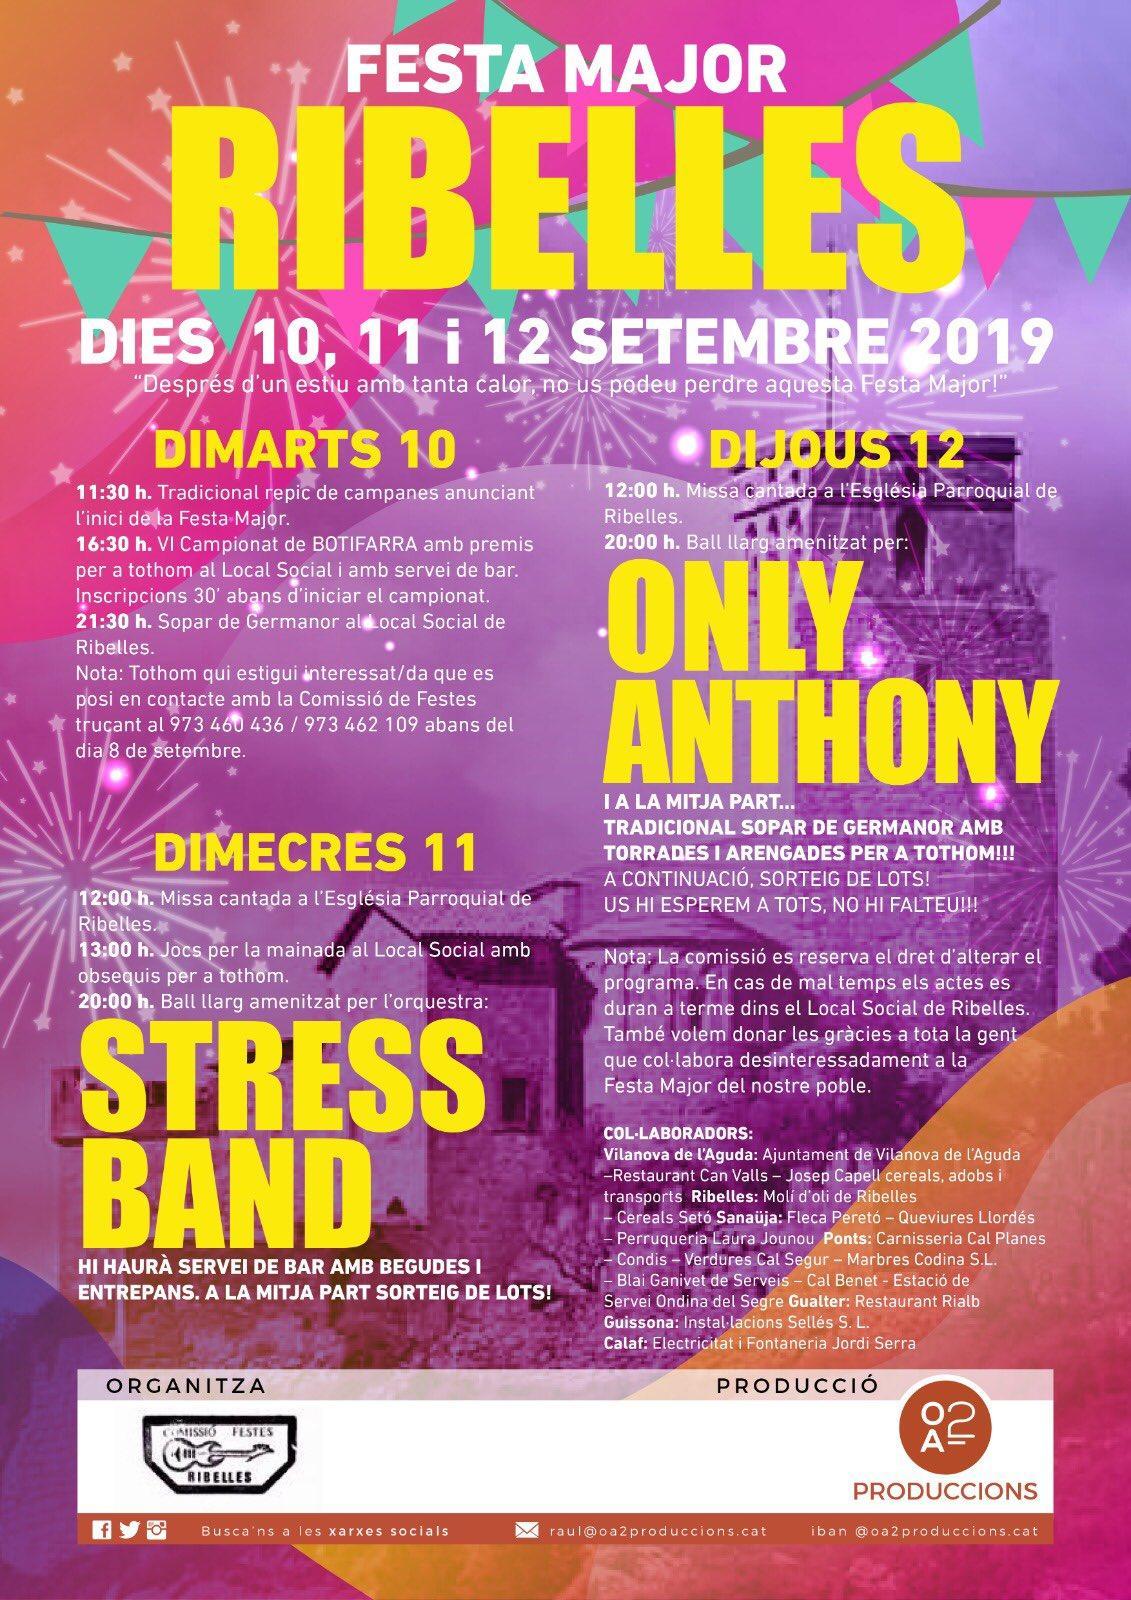 cartell Festa Major de Ribelles 2019